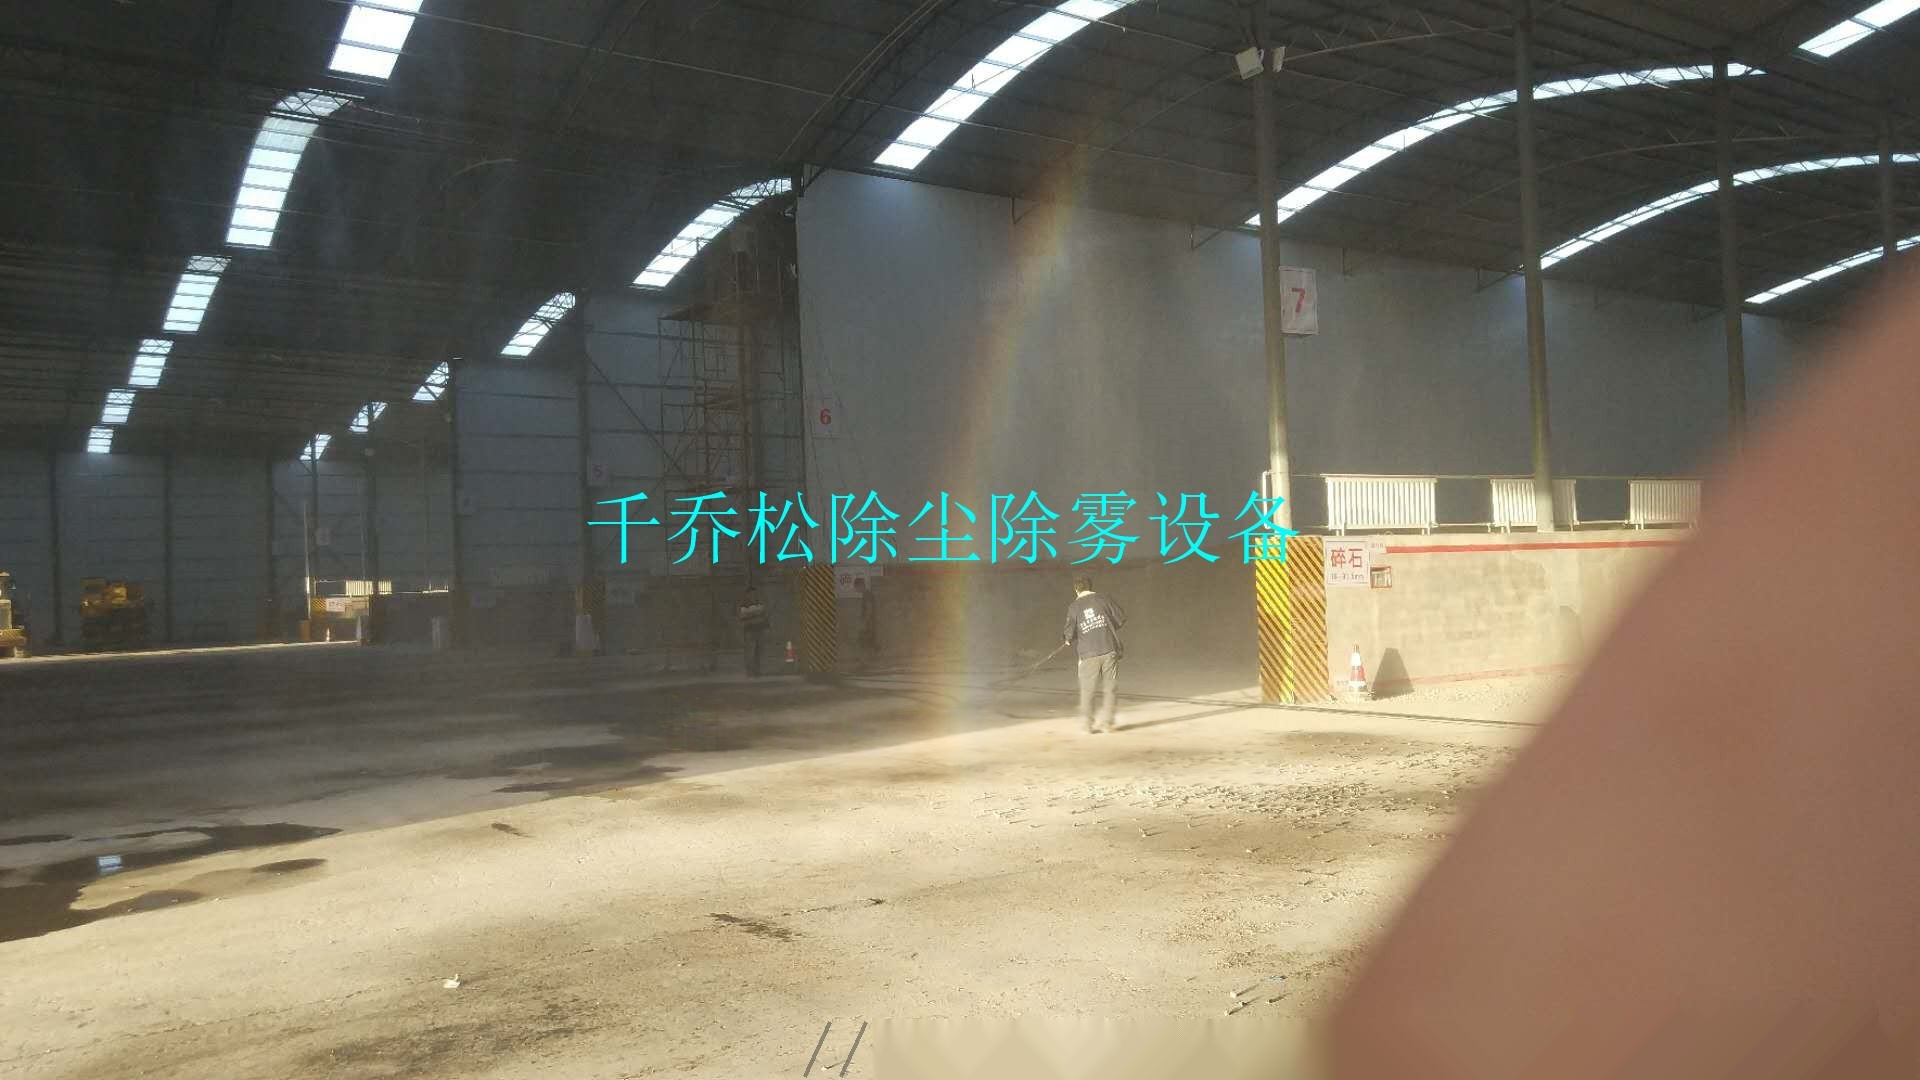 微信图片_201811201217182_副本.jpg